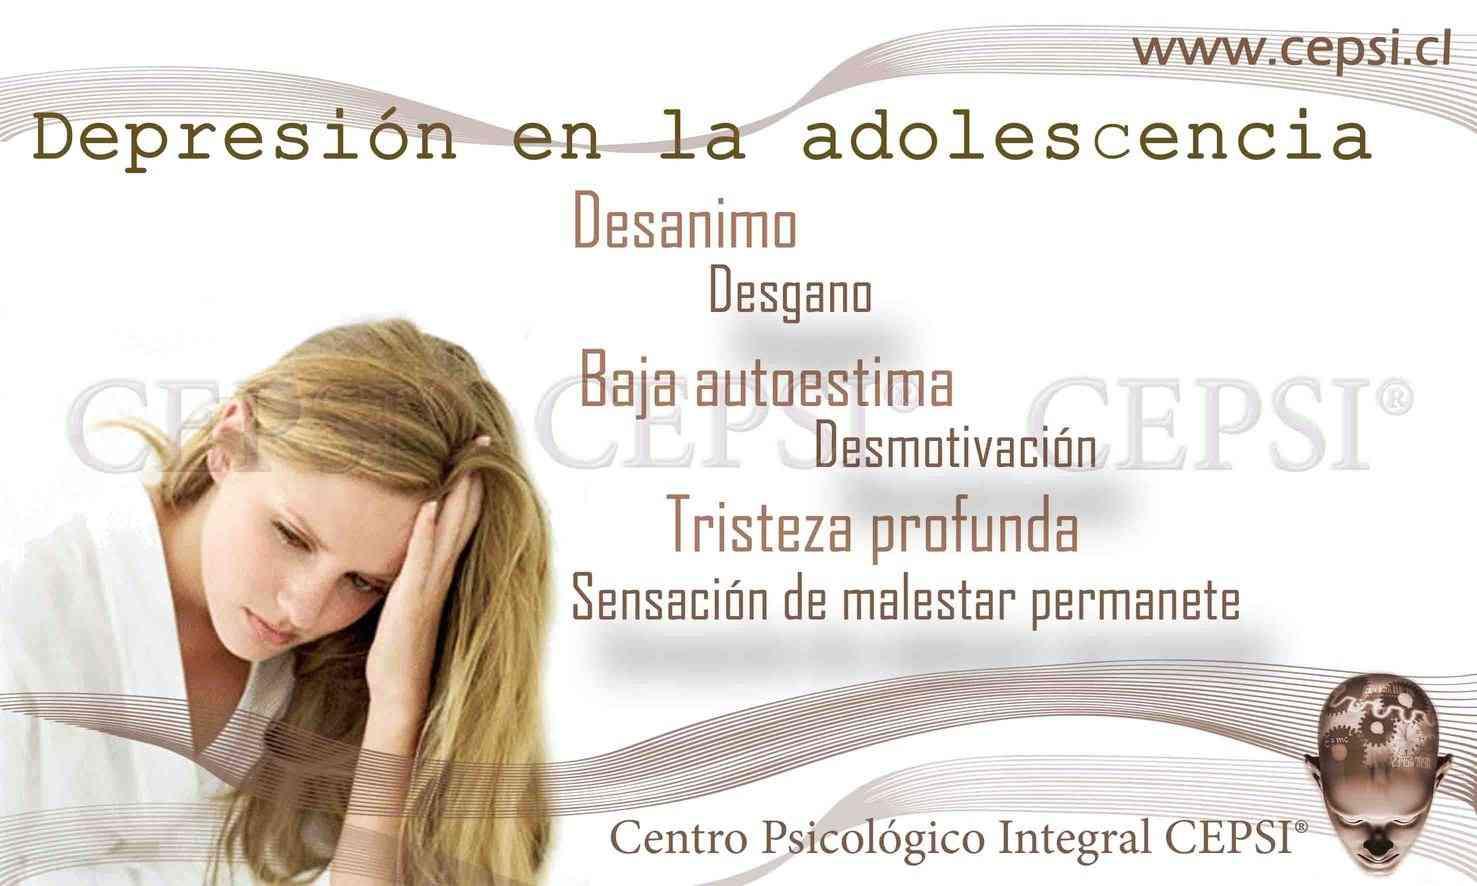 Ayuda para el problema adolescente